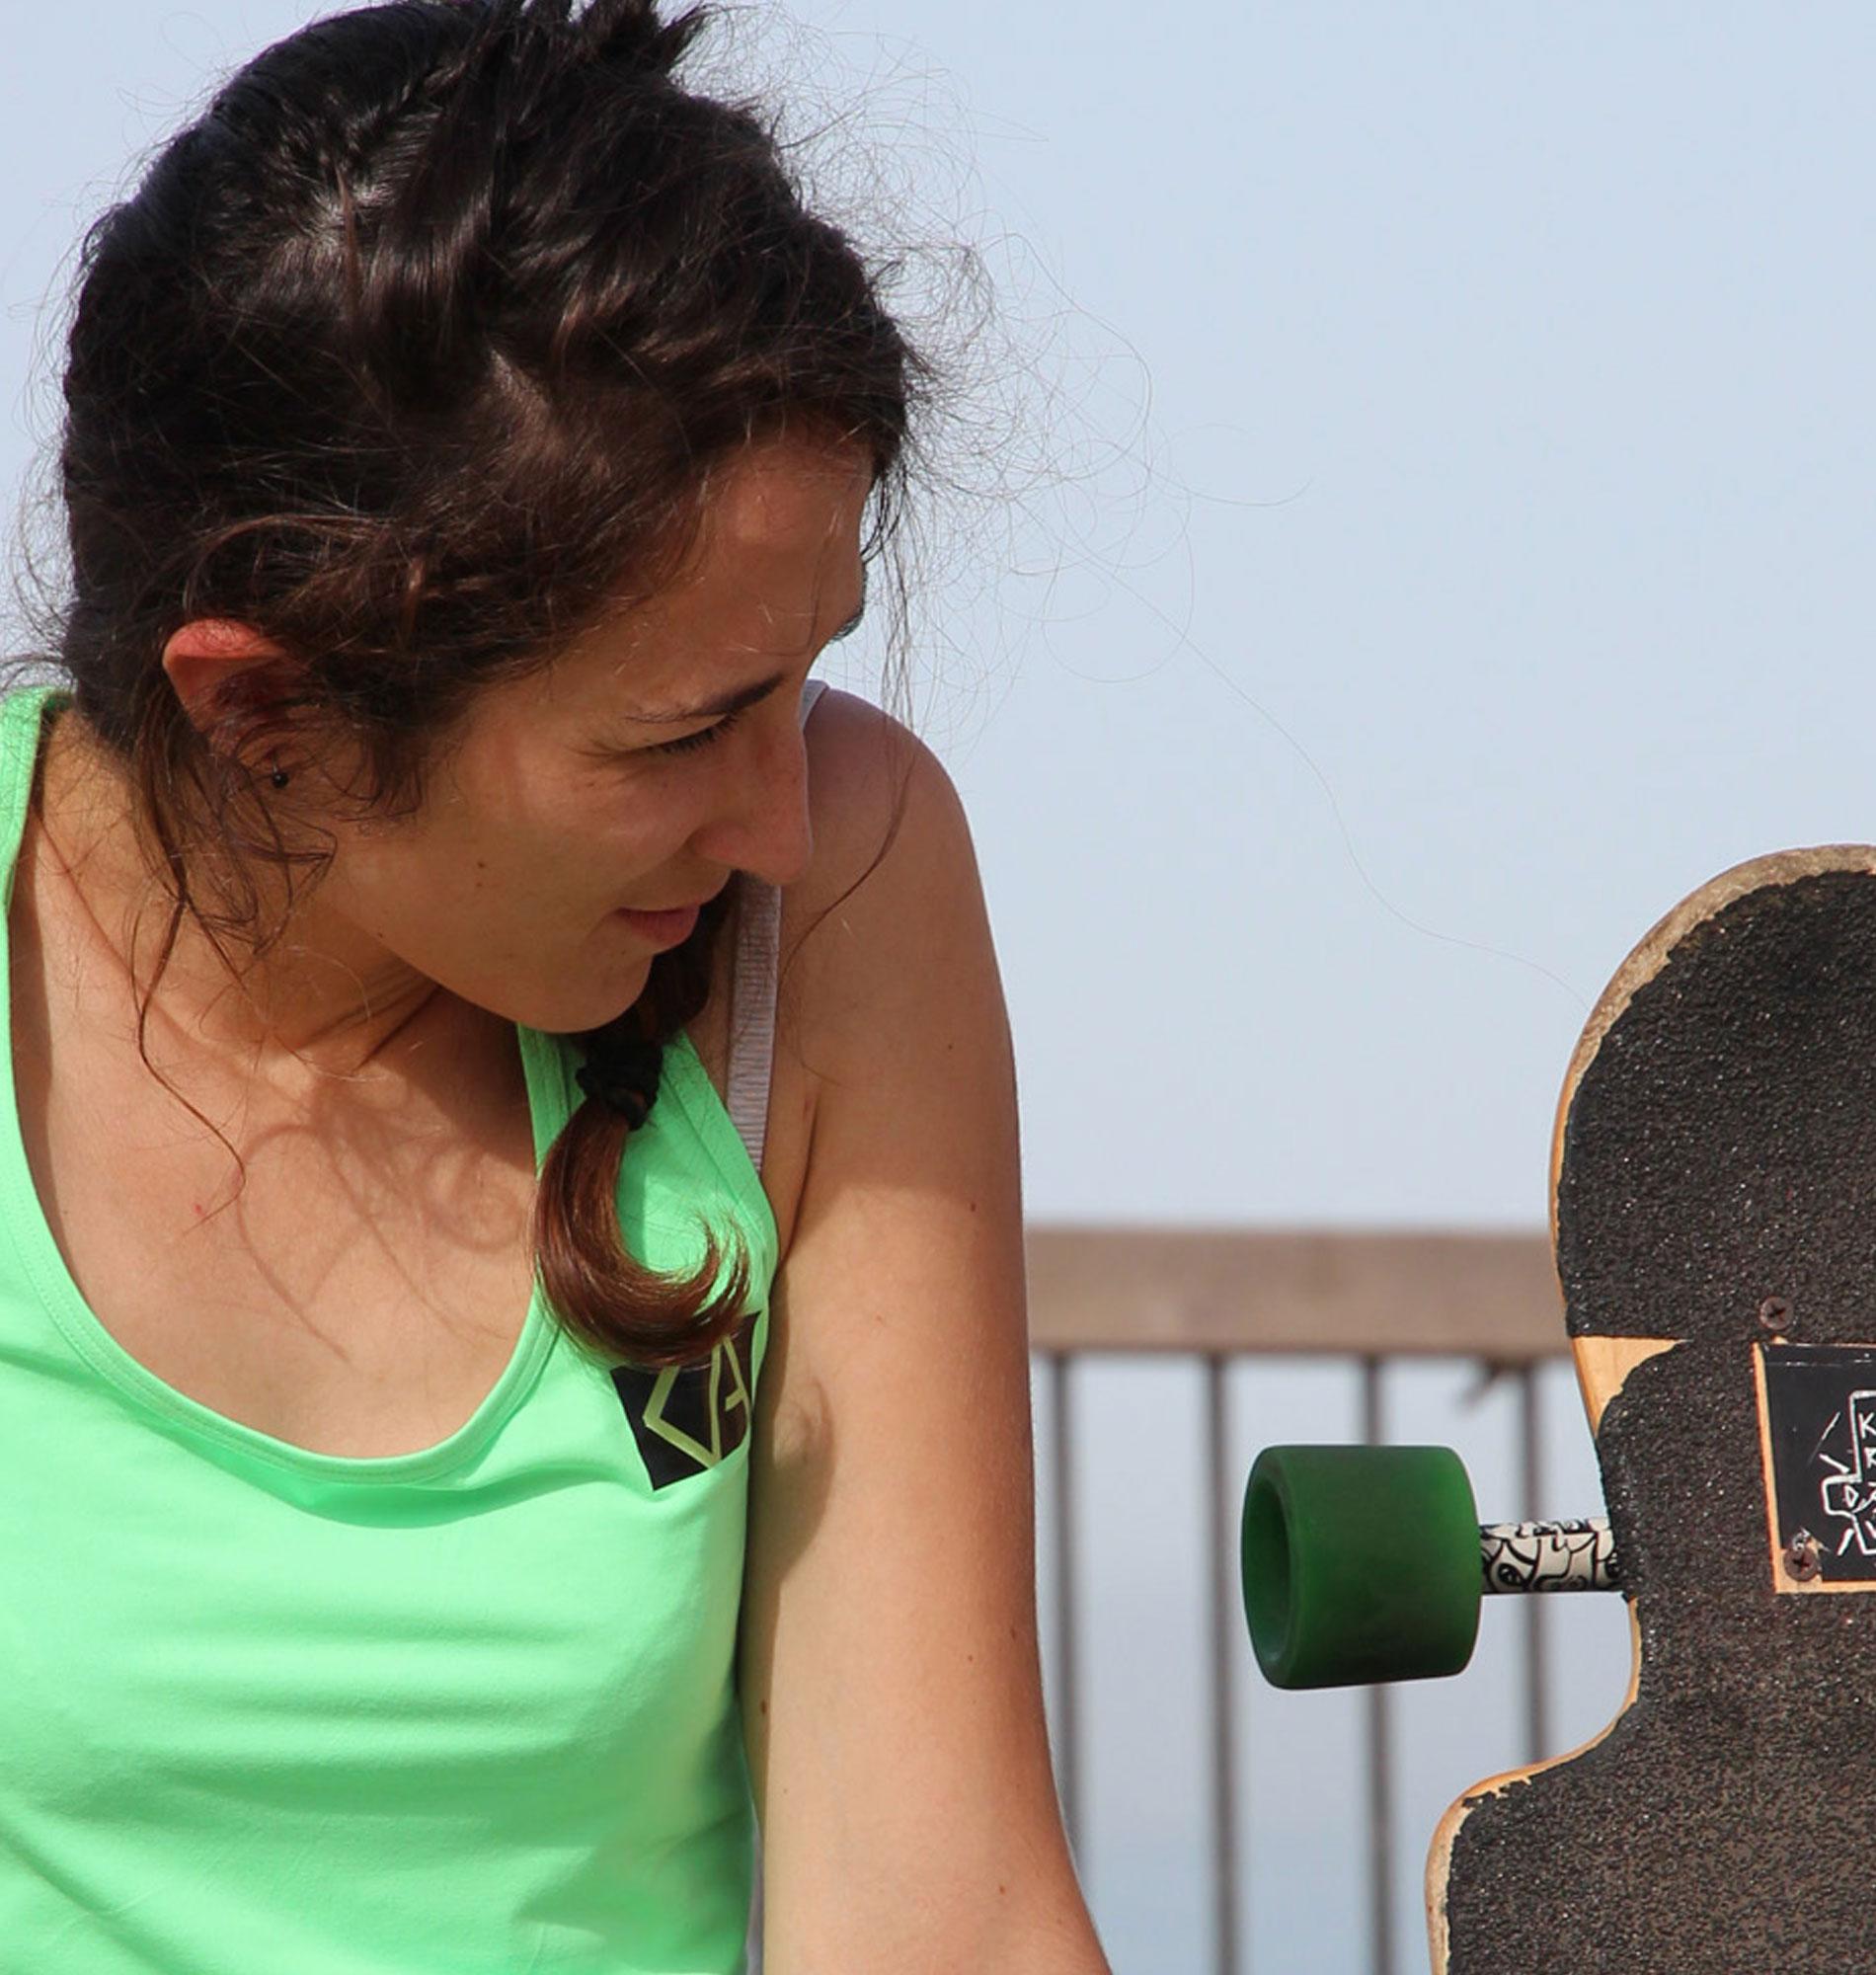 Session skate freeride à Biarritz avec Aude et Kiwi de l'Adour